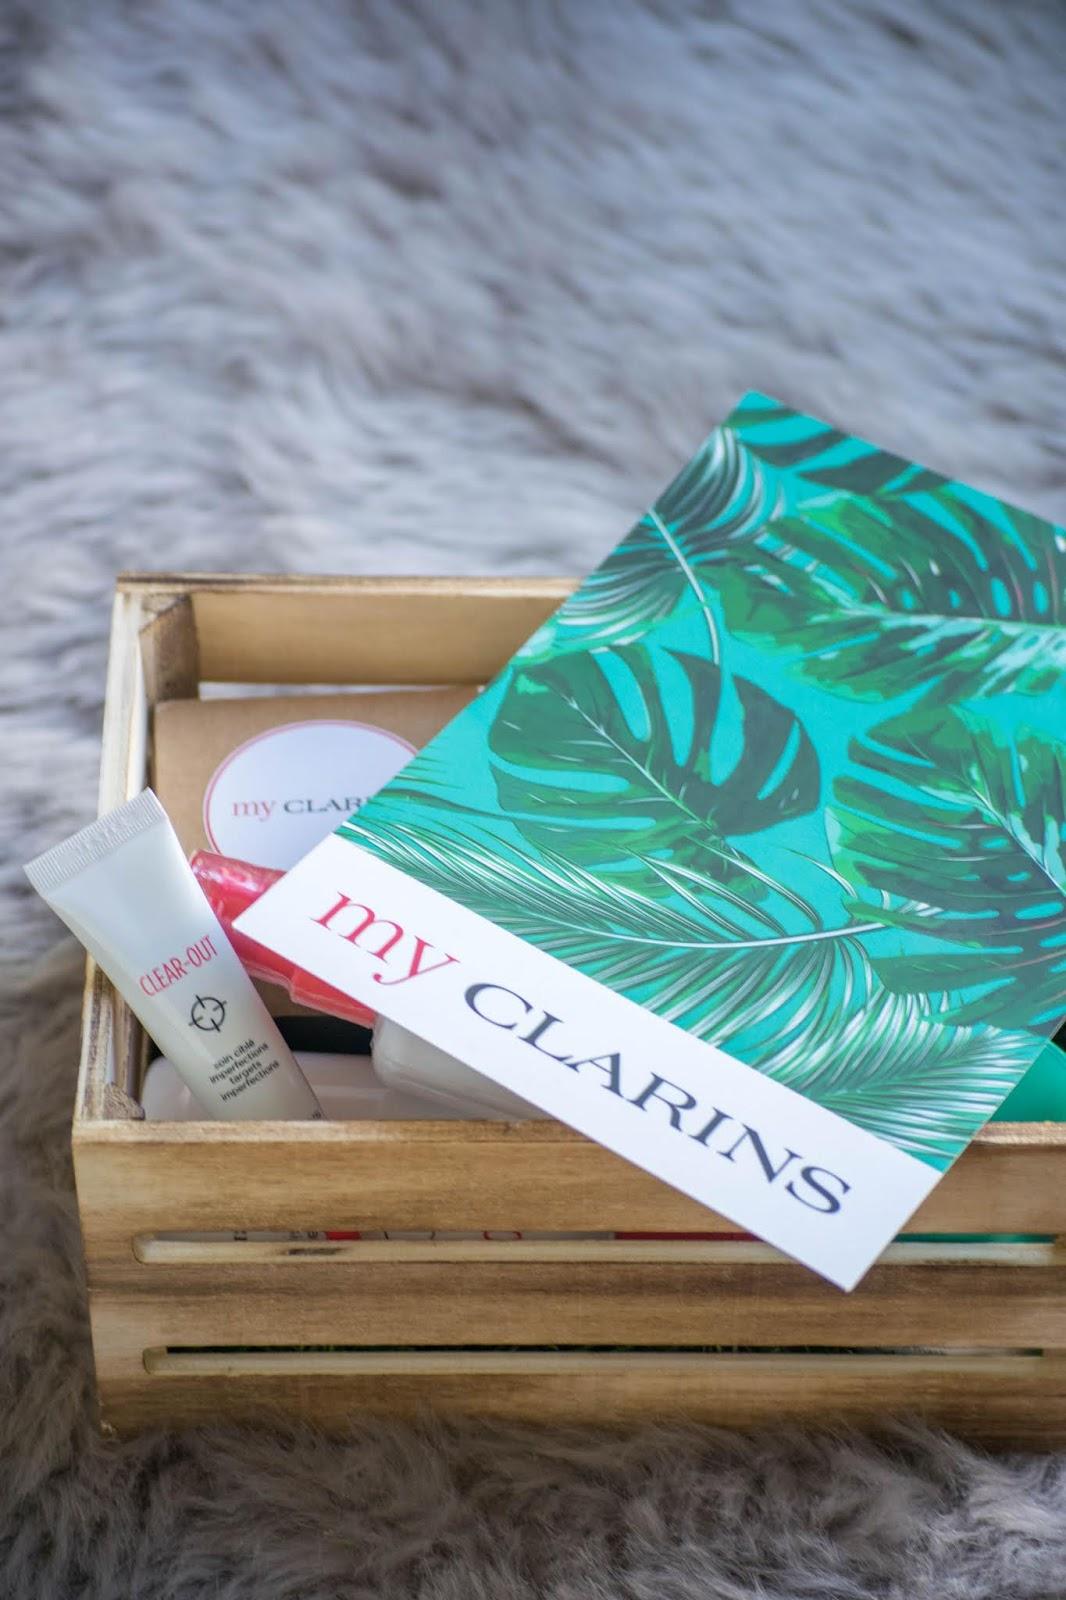 my clarins sephora